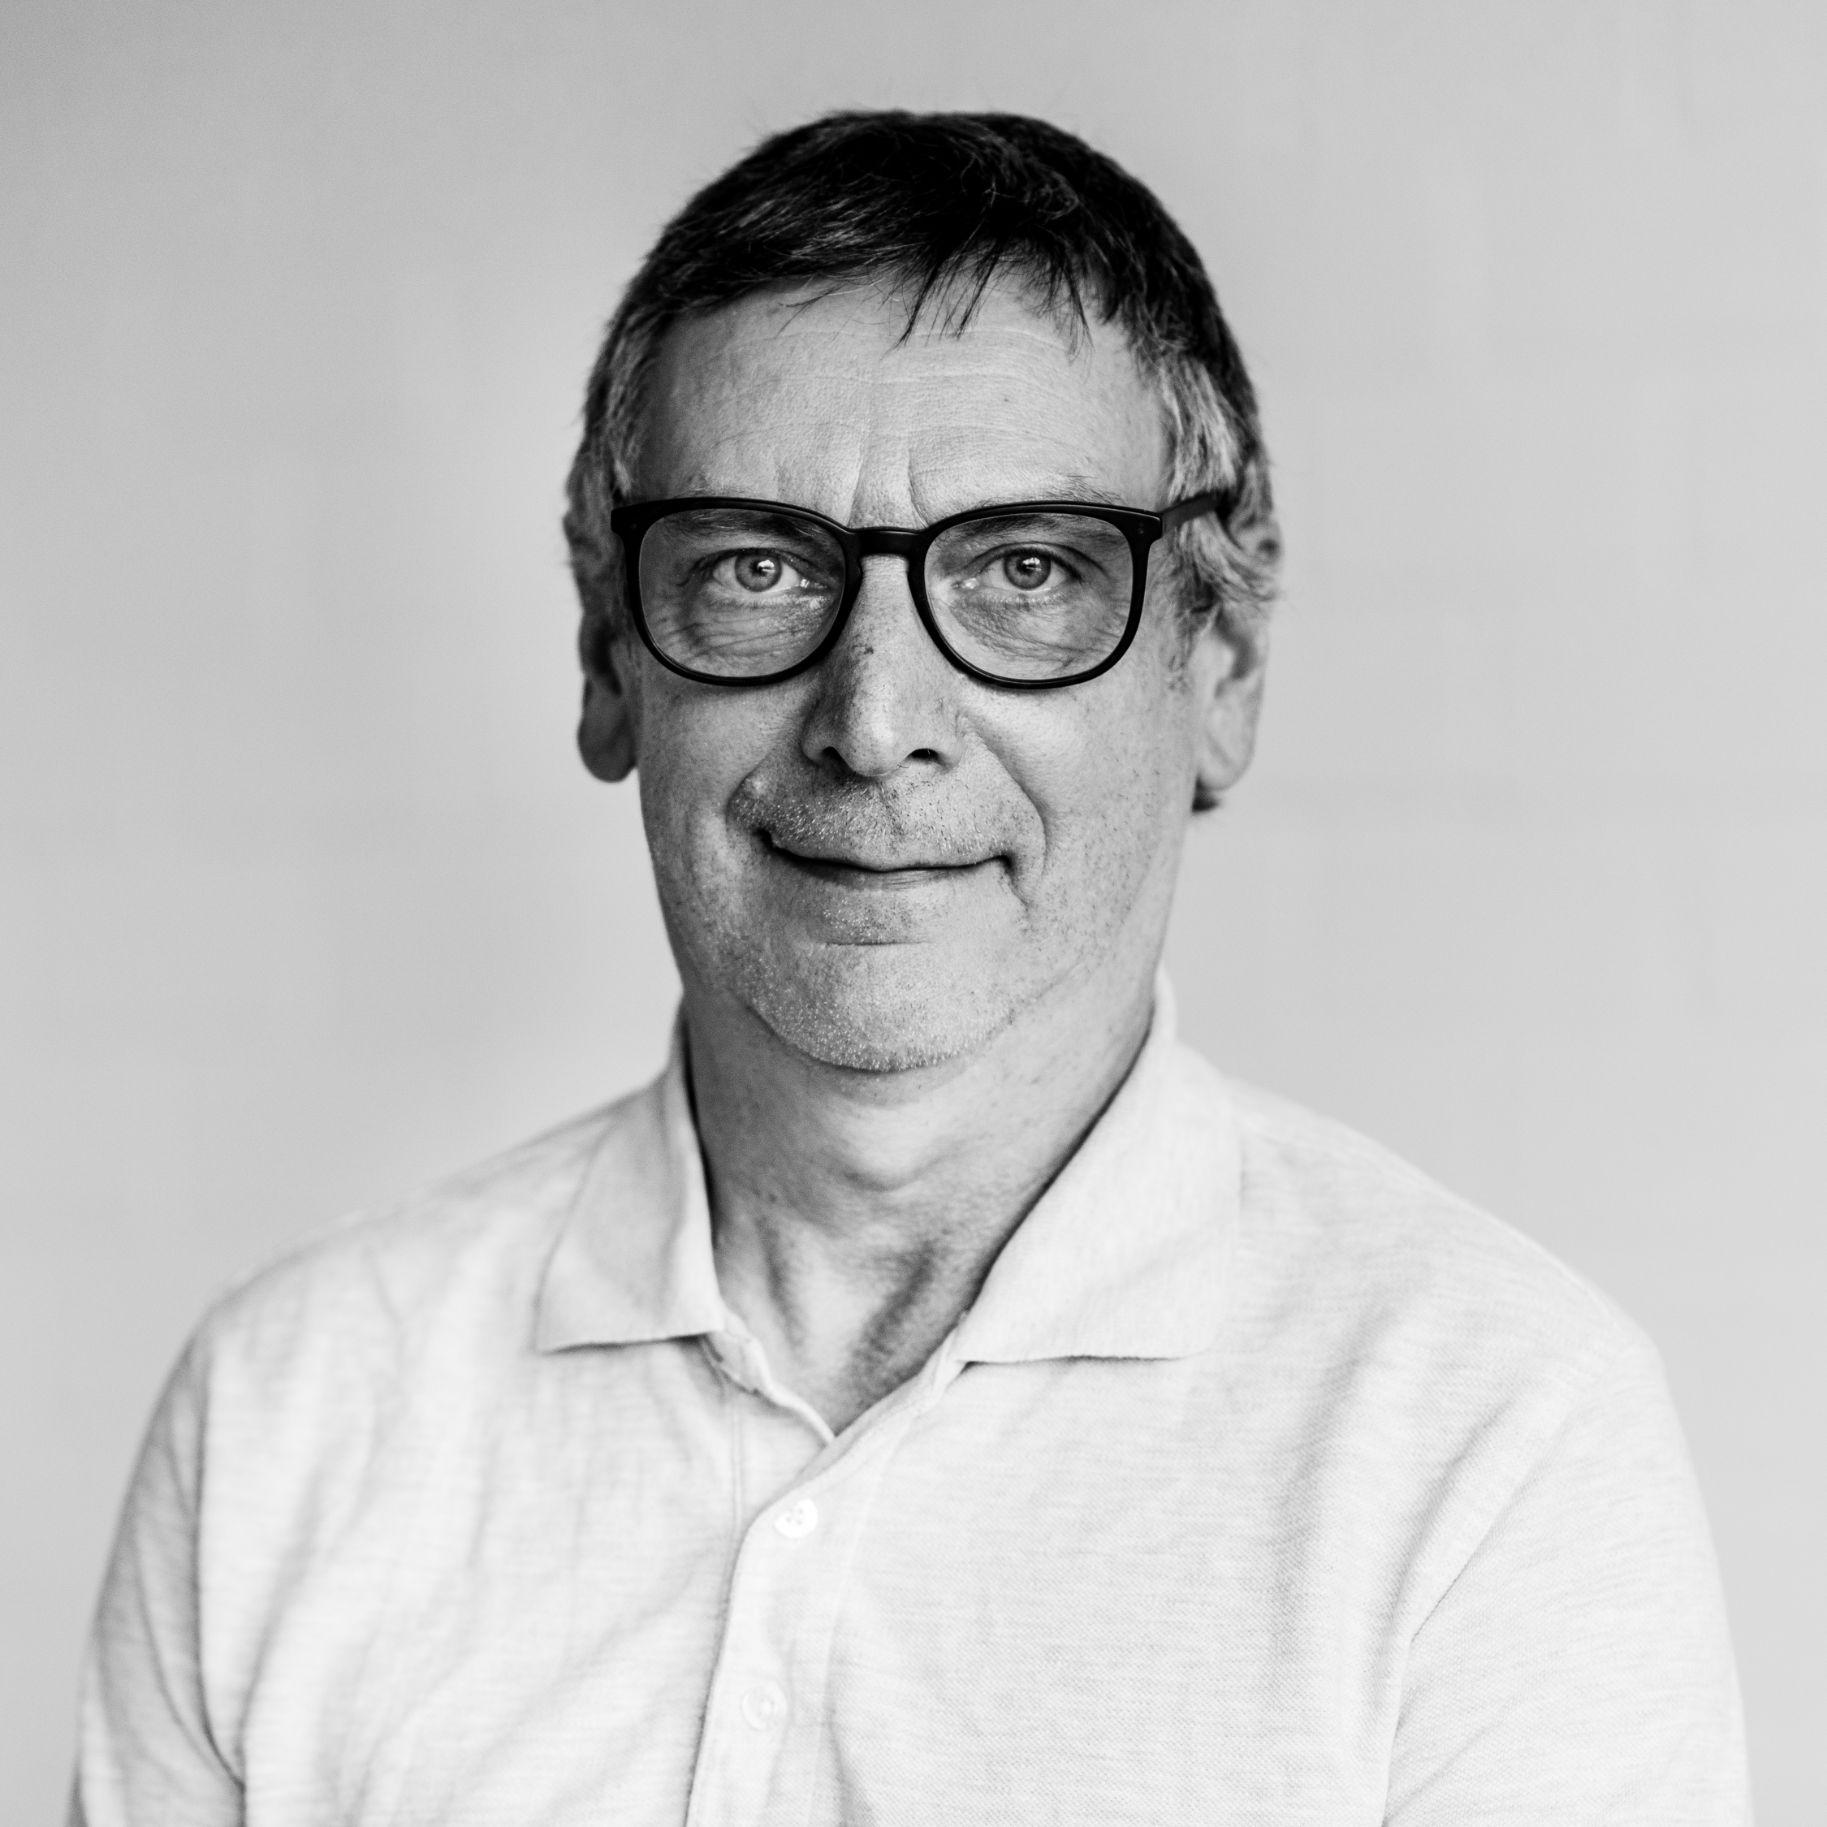 Erwin Verleysen